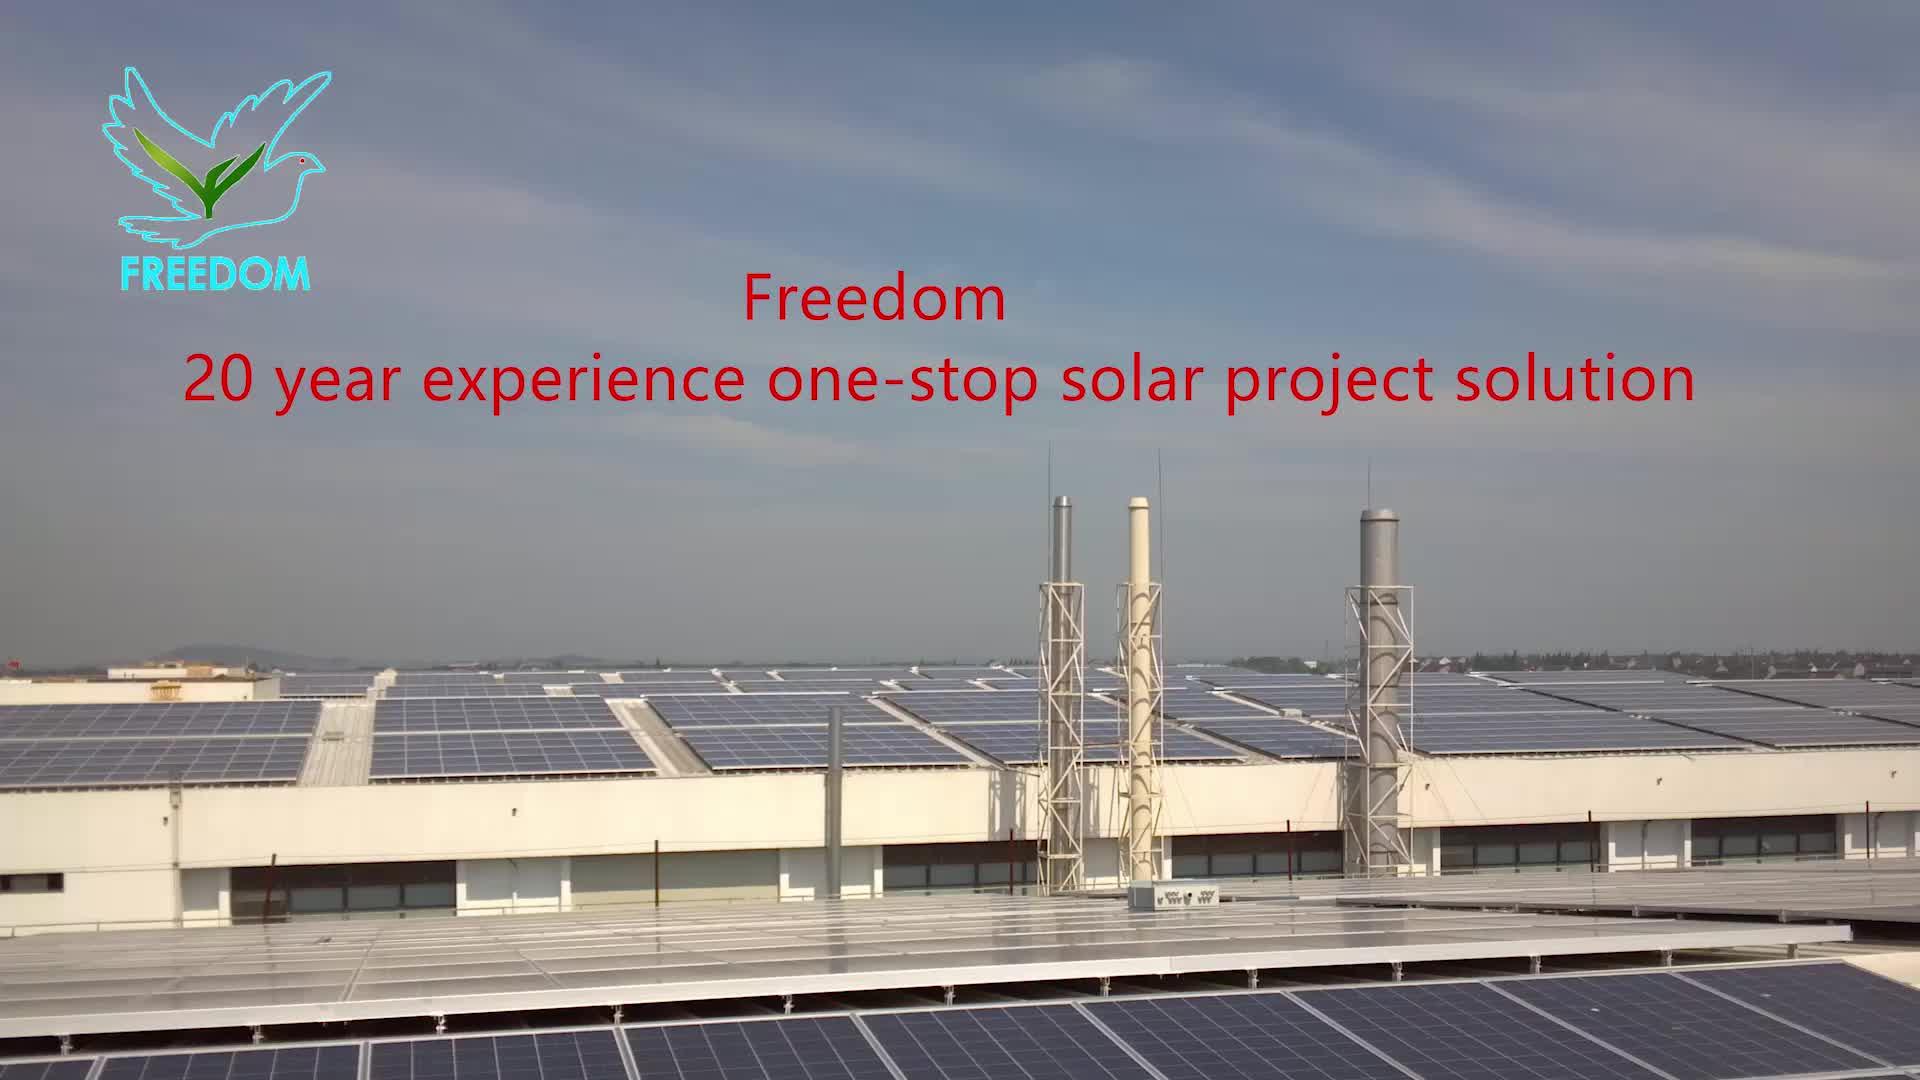 Freedom 100 Вт 100 Вт 100wp моно монокристаллическая солнечная панель 24 в 12 В 18 в 12 Вольт Индия цена